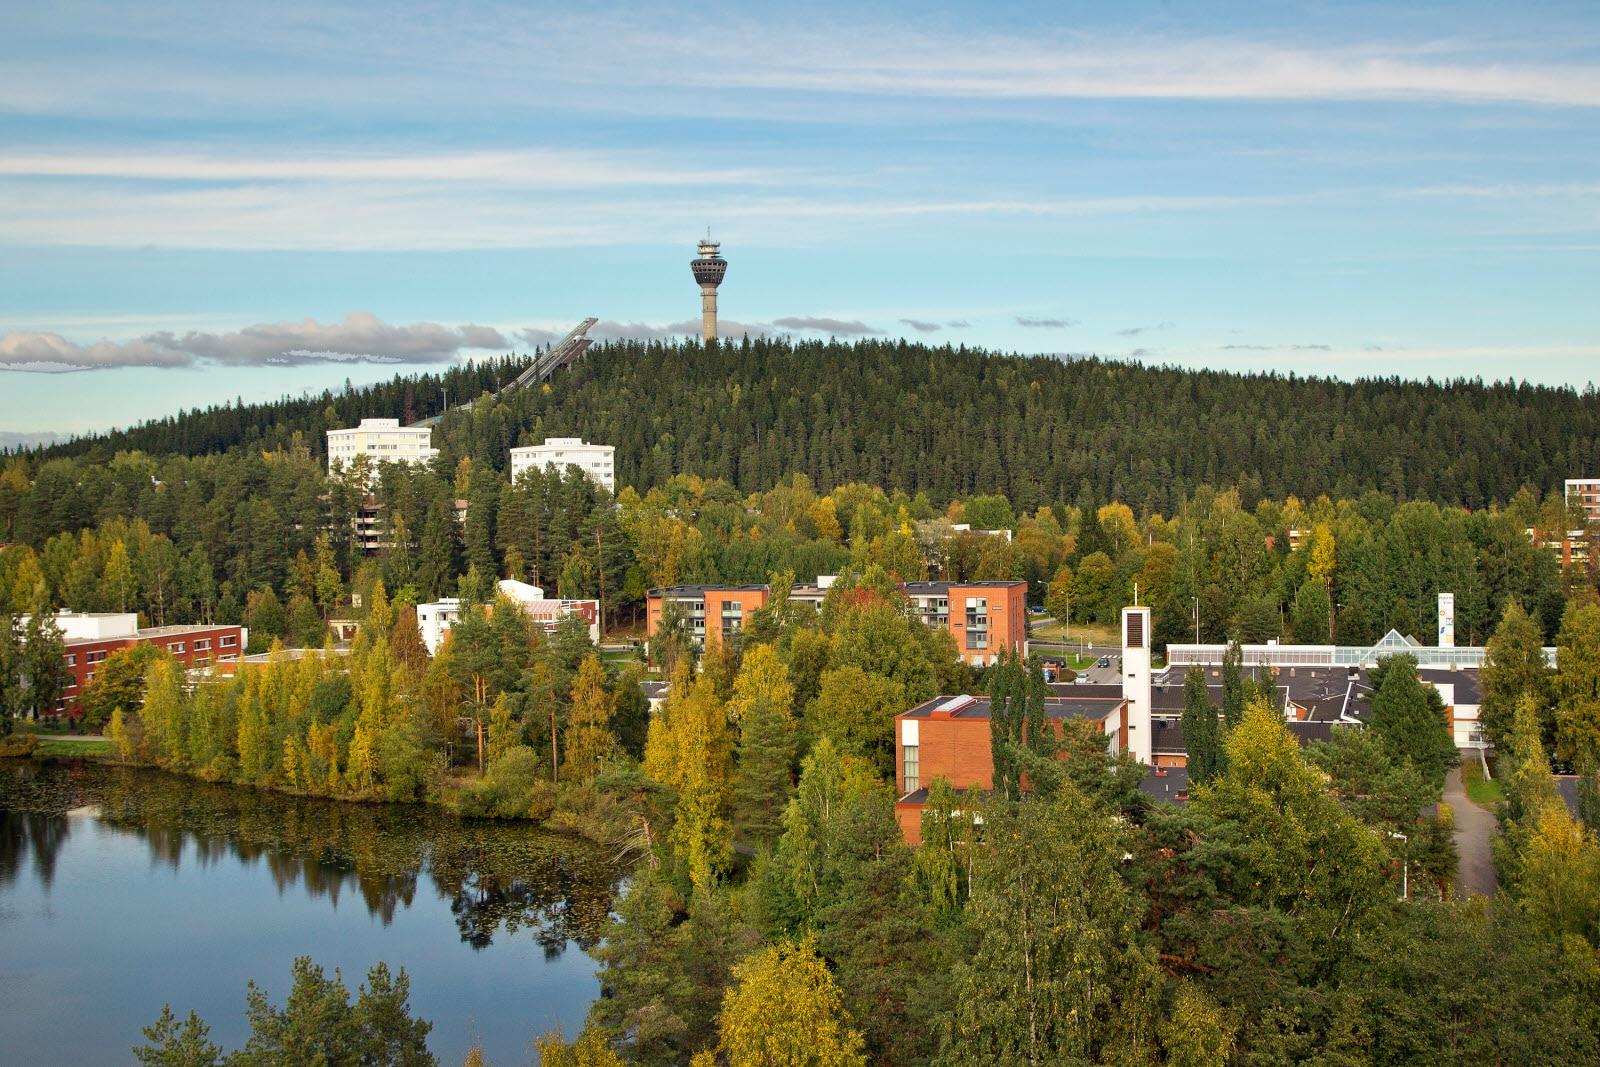 Point S Kuopio